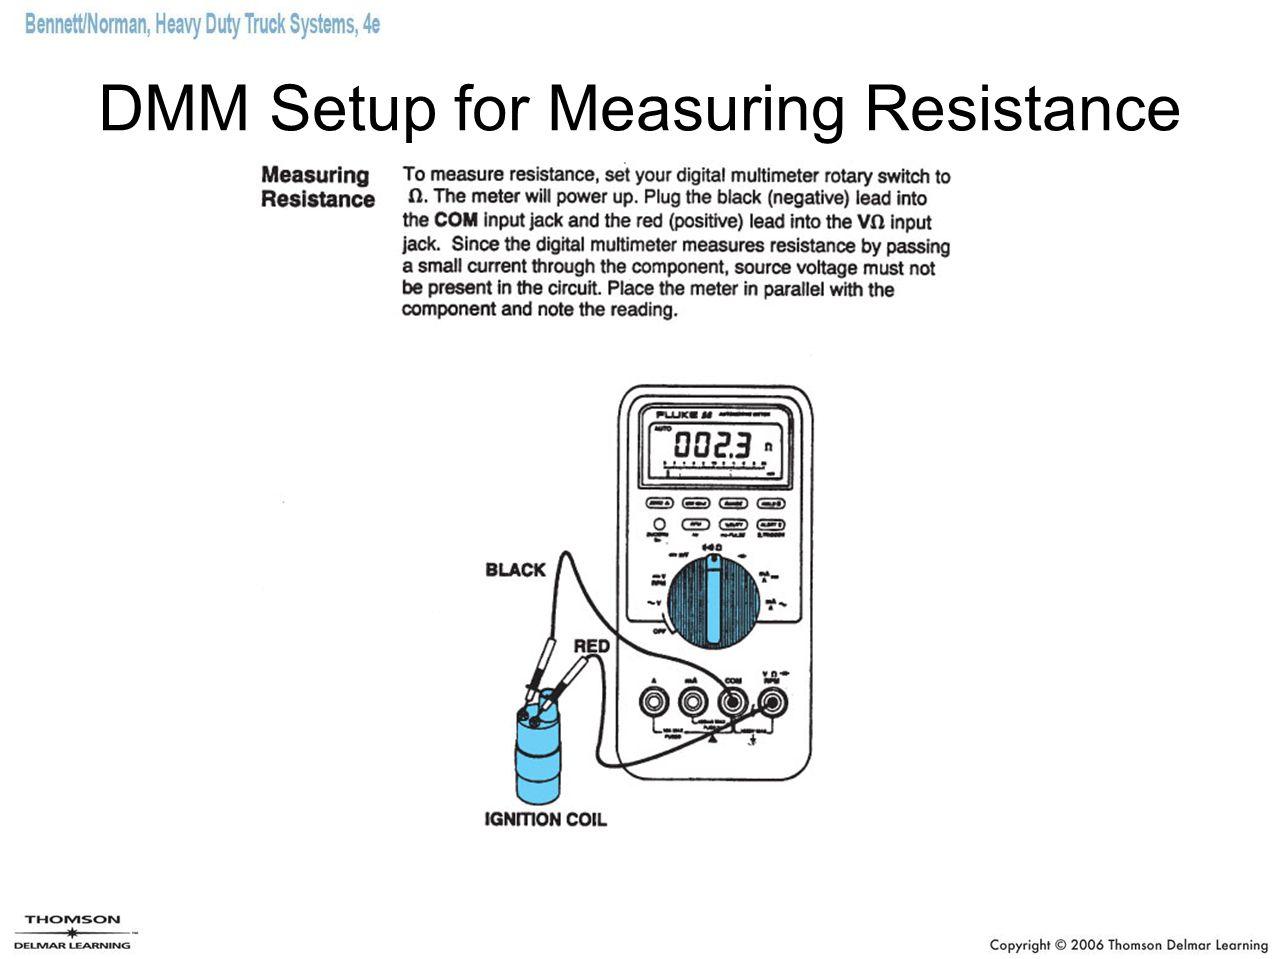 DMM Setup for Measuring Resistance